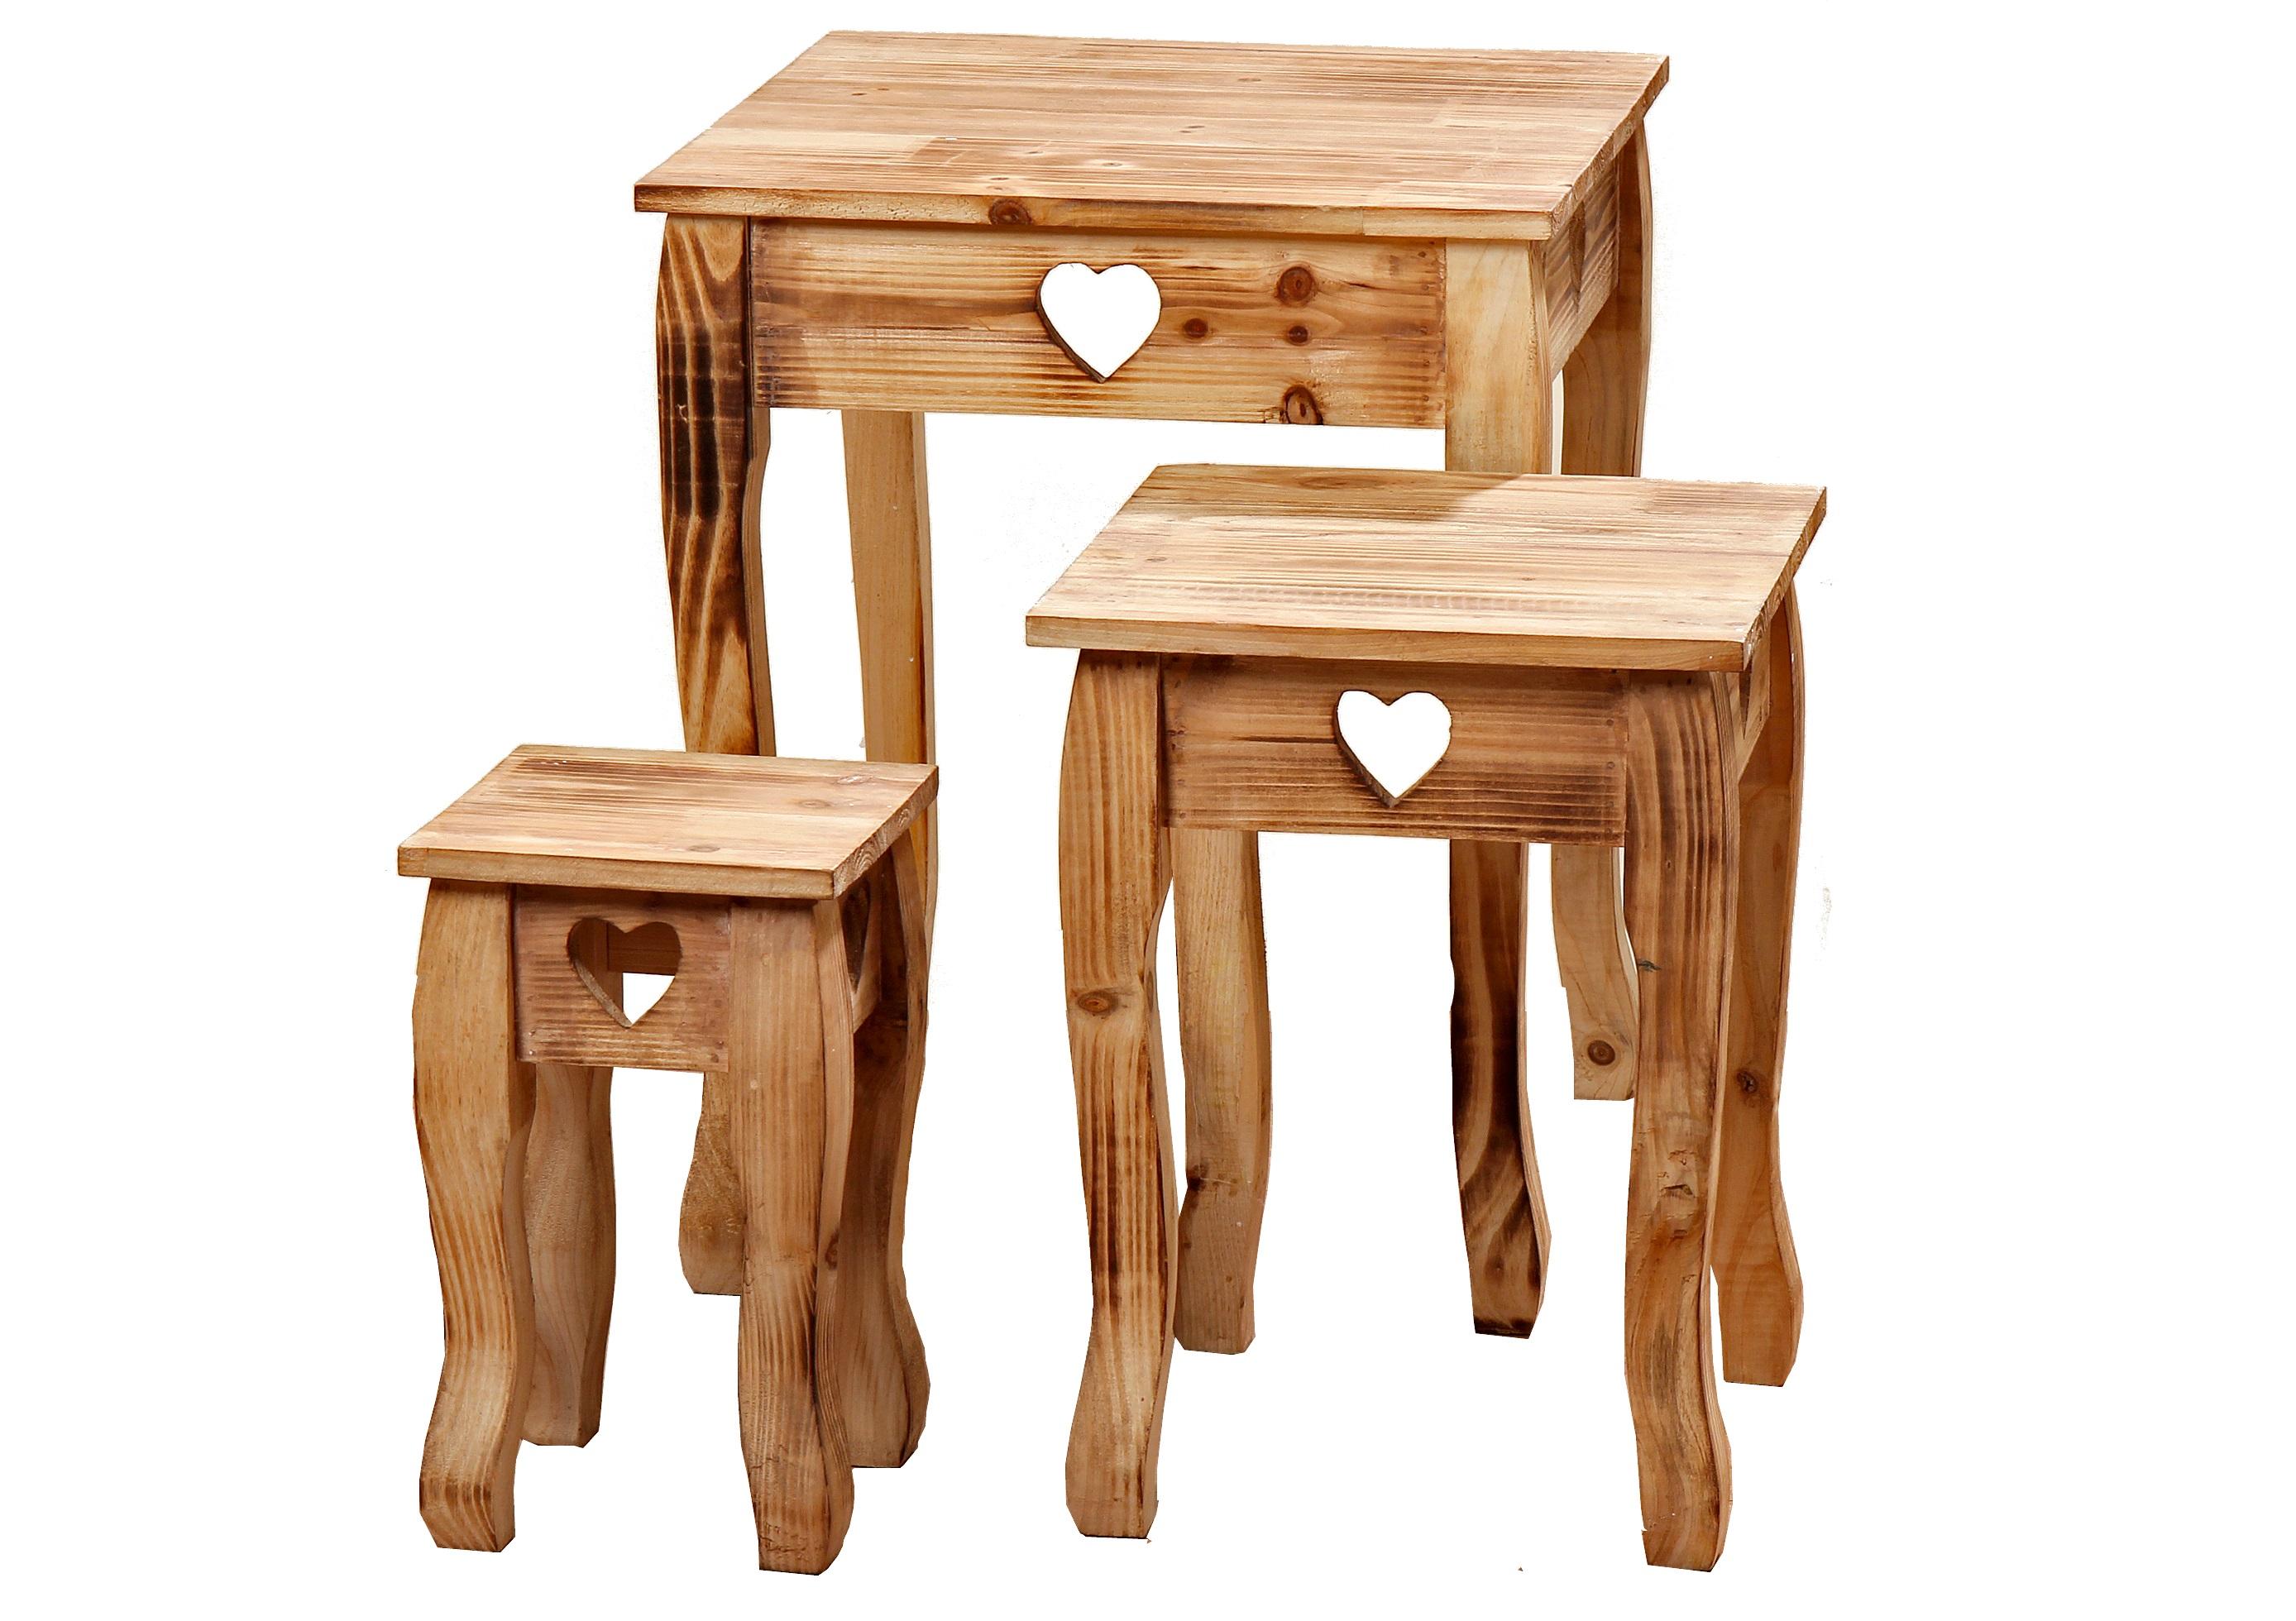 Набор из трех столиков BozenПриставные столики<br>&amp;lt;div&amp;gt;Большой: высота 56;&amp;amp;nbsp;&amp;lt;/div&amp;gt;&amp;lt;div&amp;gt;средний: высота 44;&amp;amp;nbsp;&amp;lt;/div&amp;gt;&amp;lt;div&amp;gt;маленький: высота 33.&amp;amp;nbsp;&amp;lt;/div&amp;gt;&amp;lt;div&amp;gt;&amp;lt;br&amp;gt;&amp;lt;/div&amp;gt;&amp;lt;div&amp;gt;Материал: дерево (пихта).&amp;lt;/div&amp;gt;<br><br>Material: Дерево<br>Ширина см: 36<br>Высота см: 56<br>Глубина см: 36